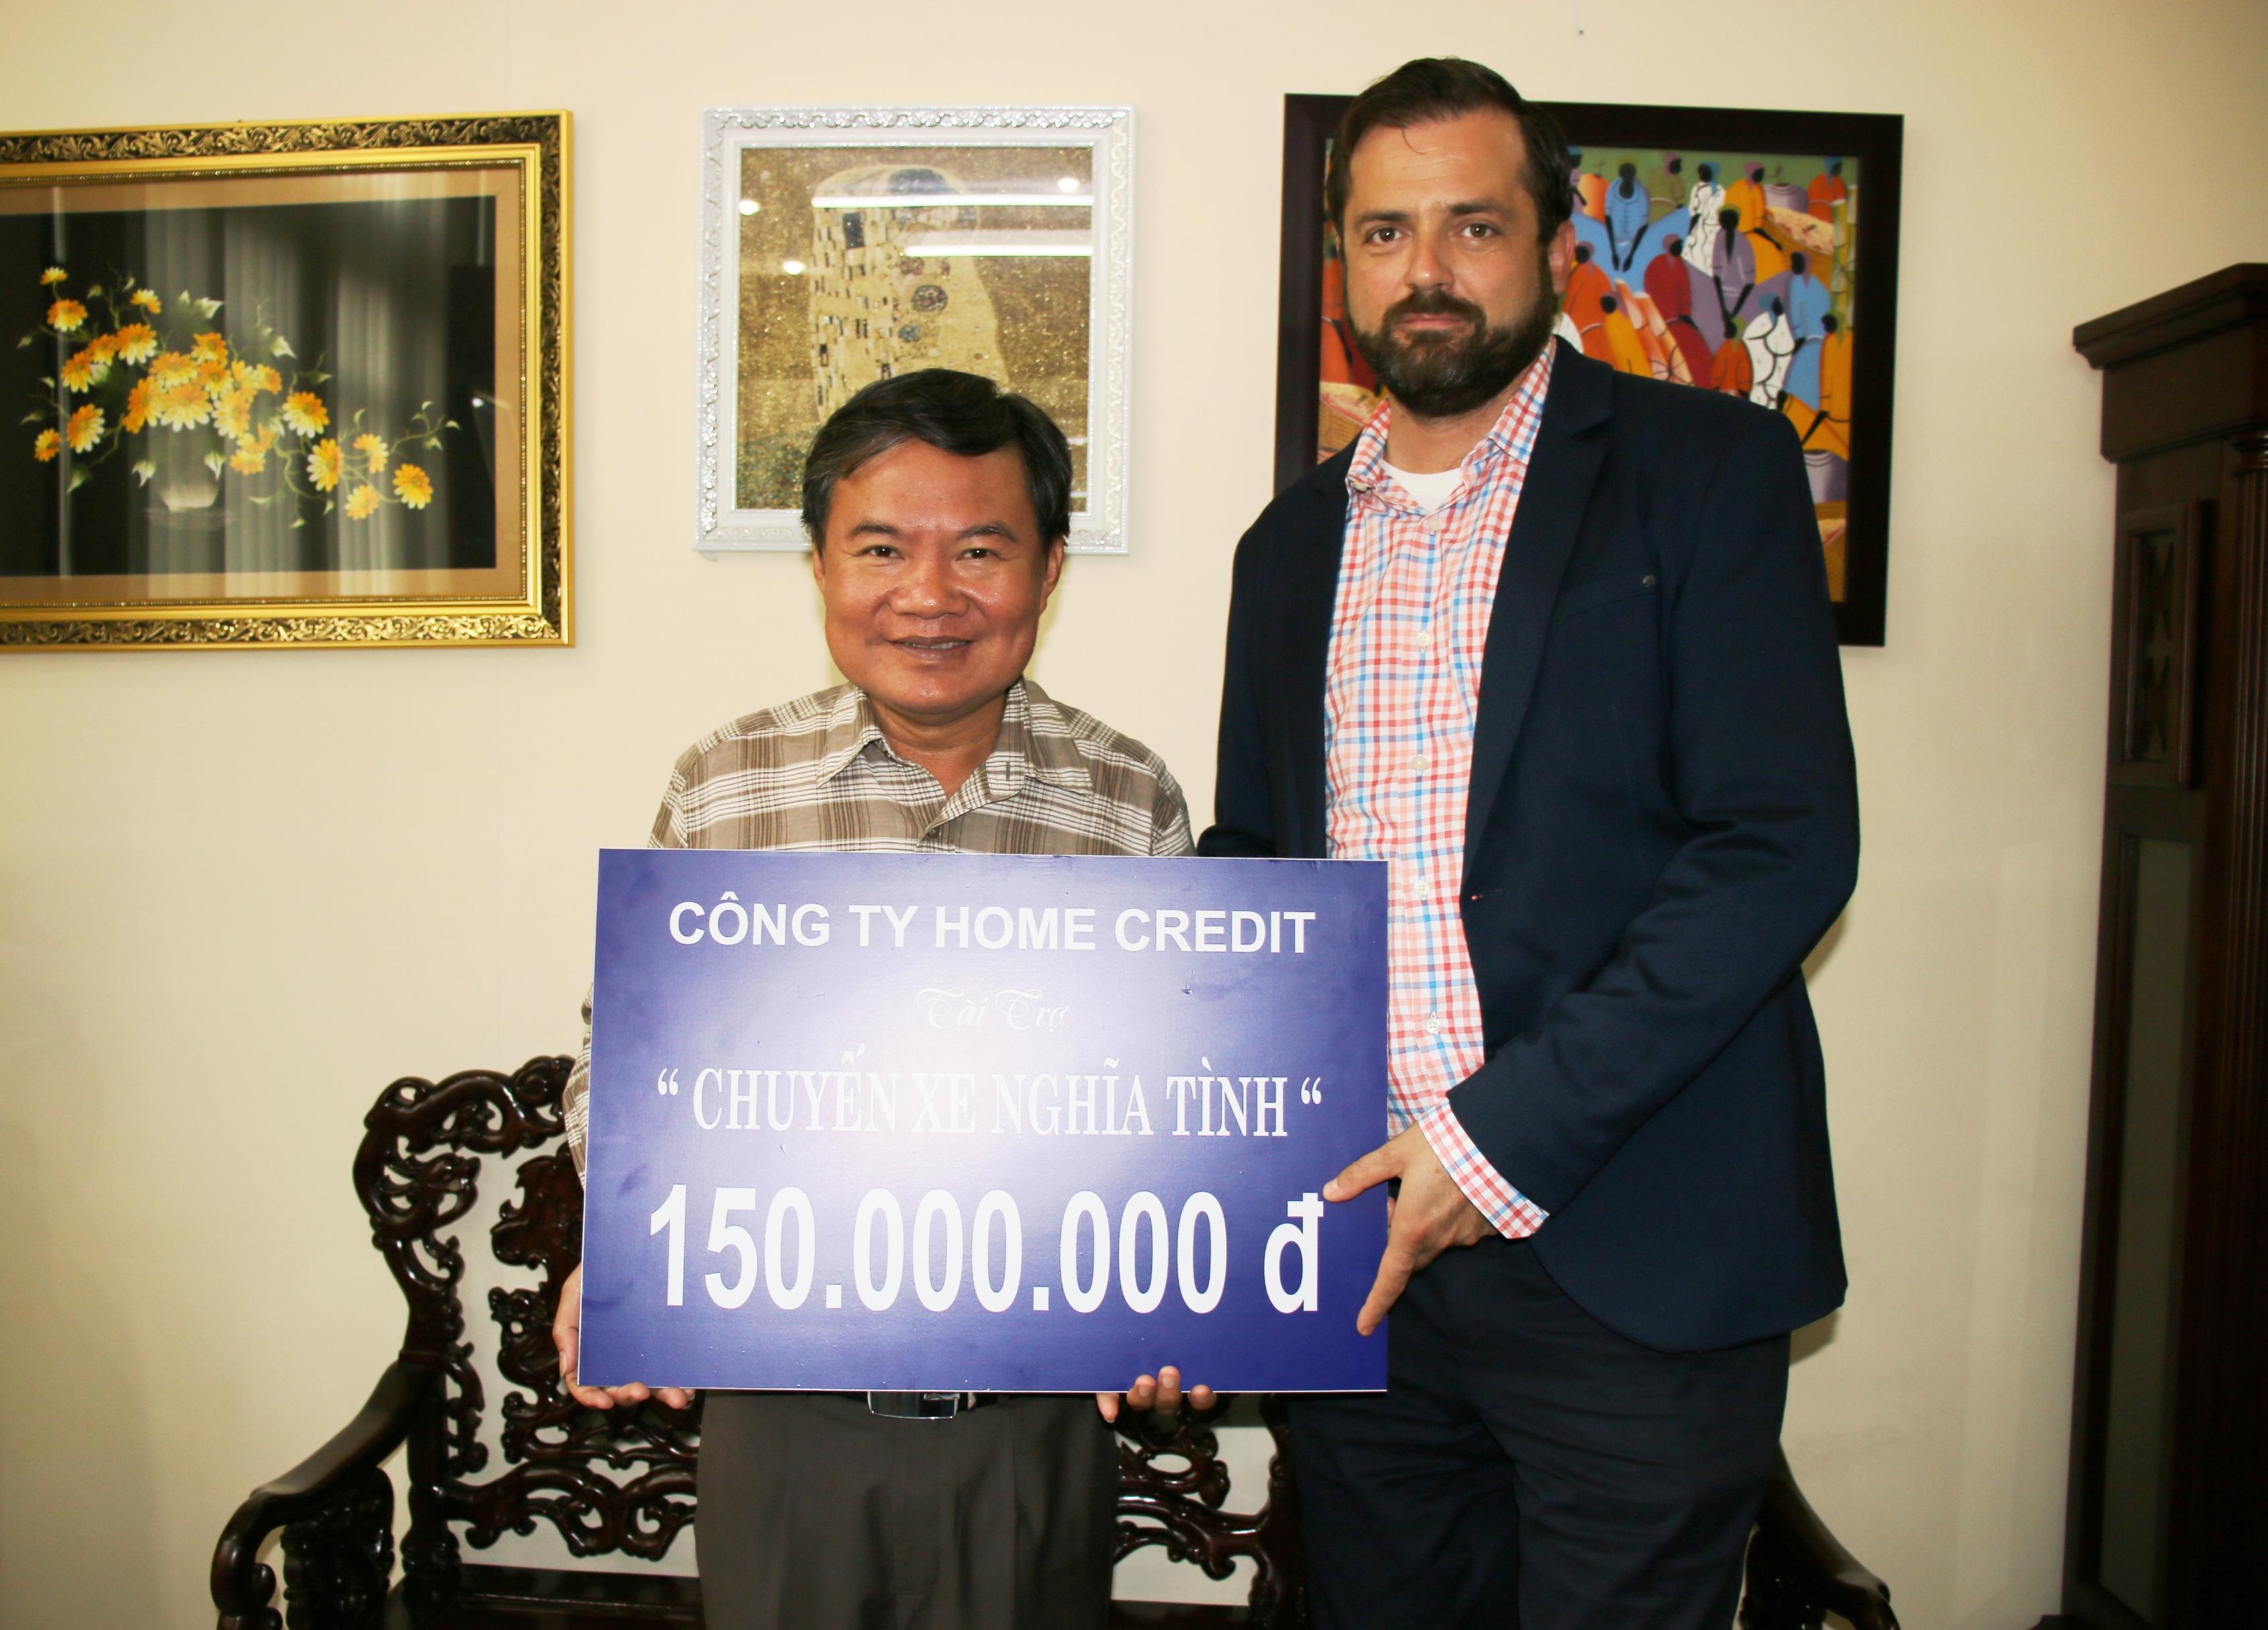 : Ông Branislav Vargic, Giám đốc điều hành Home Credit Việt Nam, trao bảng tượng trưng cho Thượng tá Bùi Anh Tấn, phó tổng biên tập báo Công an TP HCM.